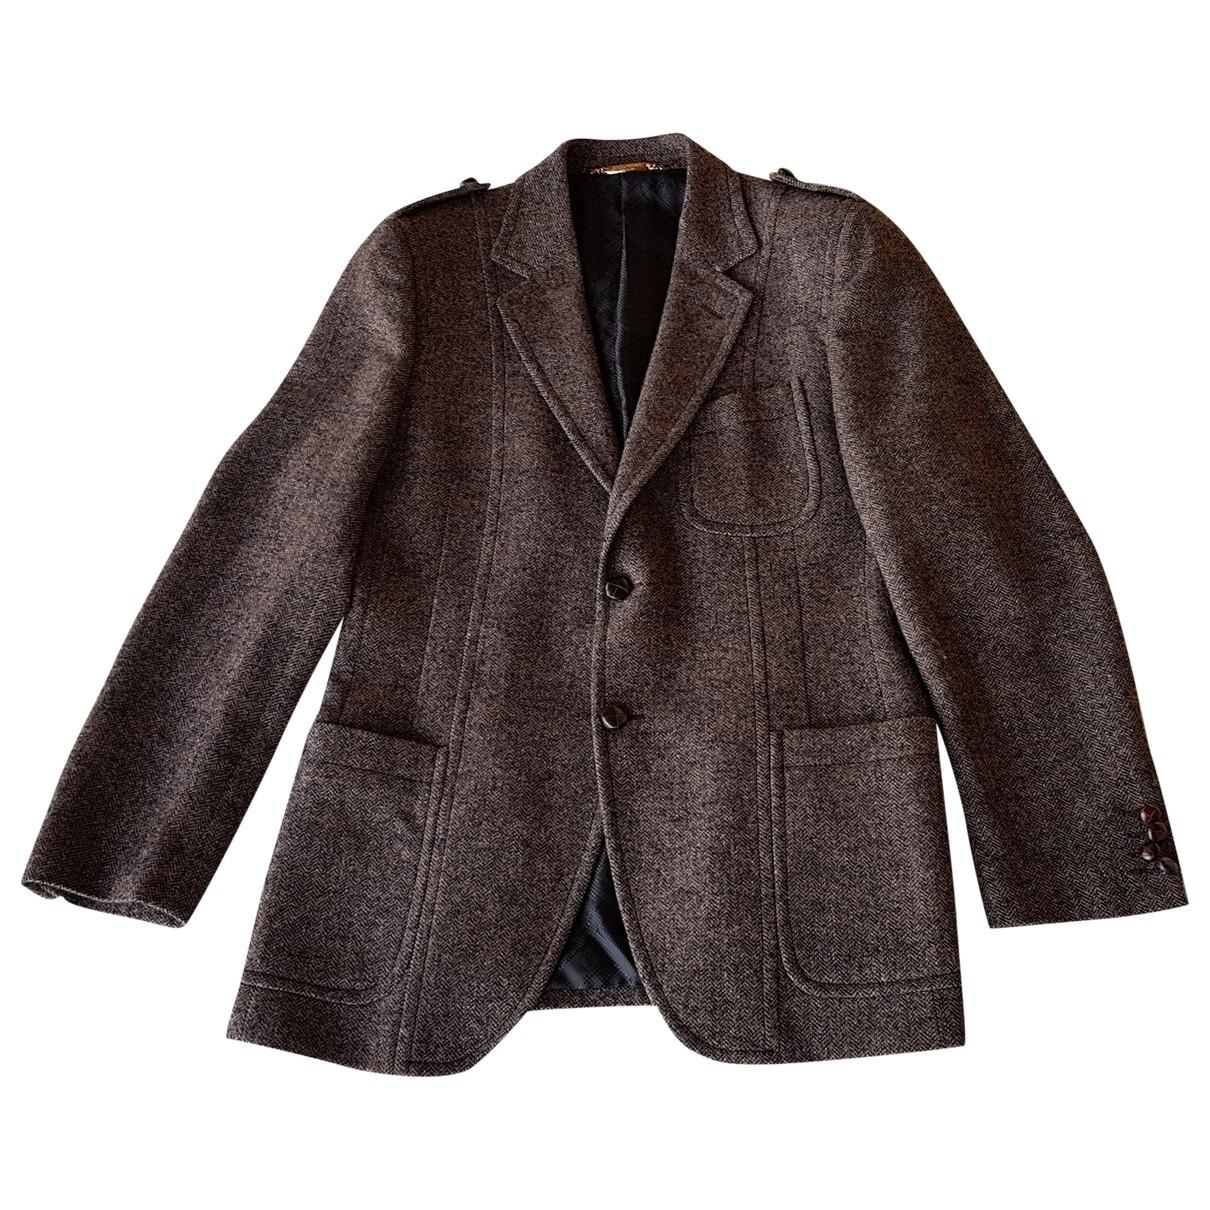 Dolce & Gabbana \N Jacke in  Braun Wolle